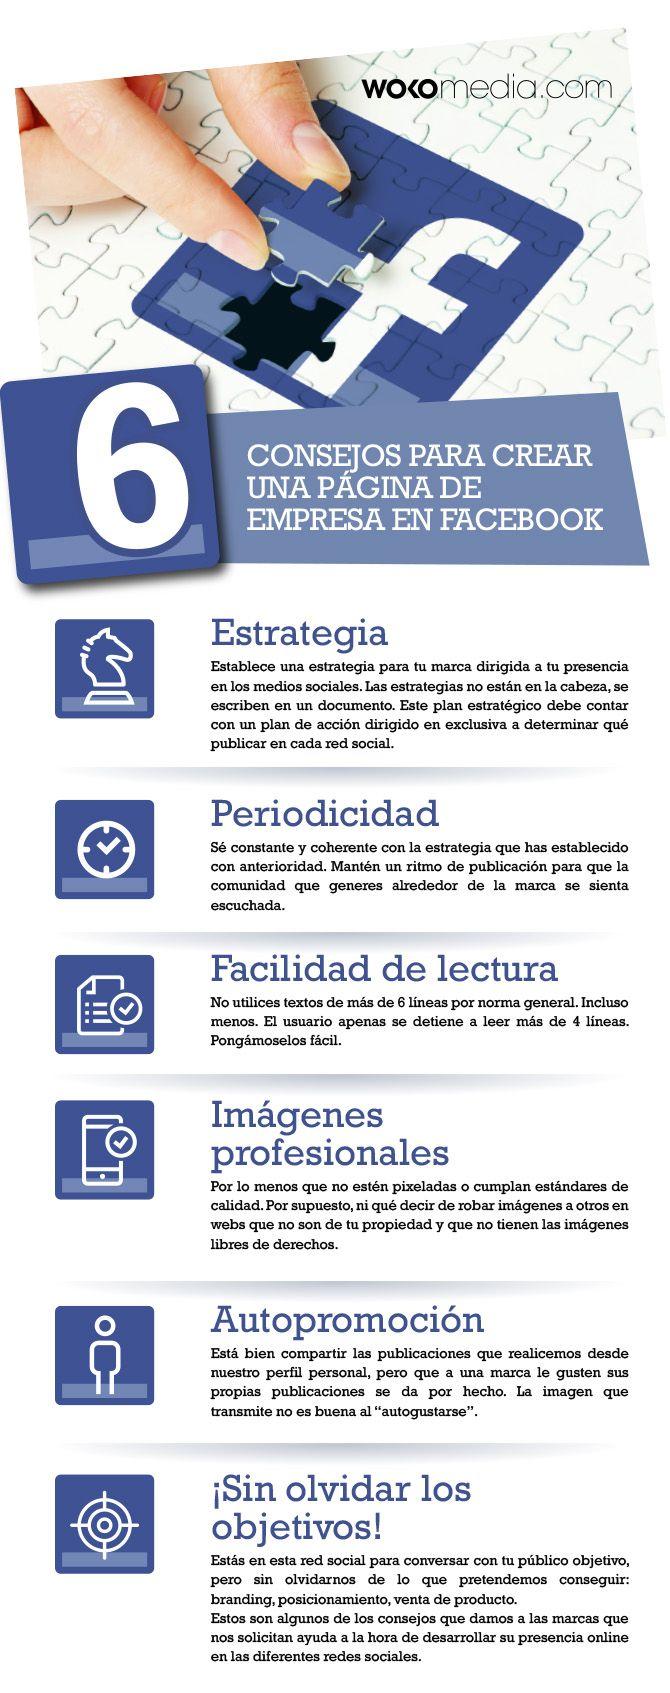 6 consejos para crear una página de Facebook de empresa. Infografía en español #CommunityManager